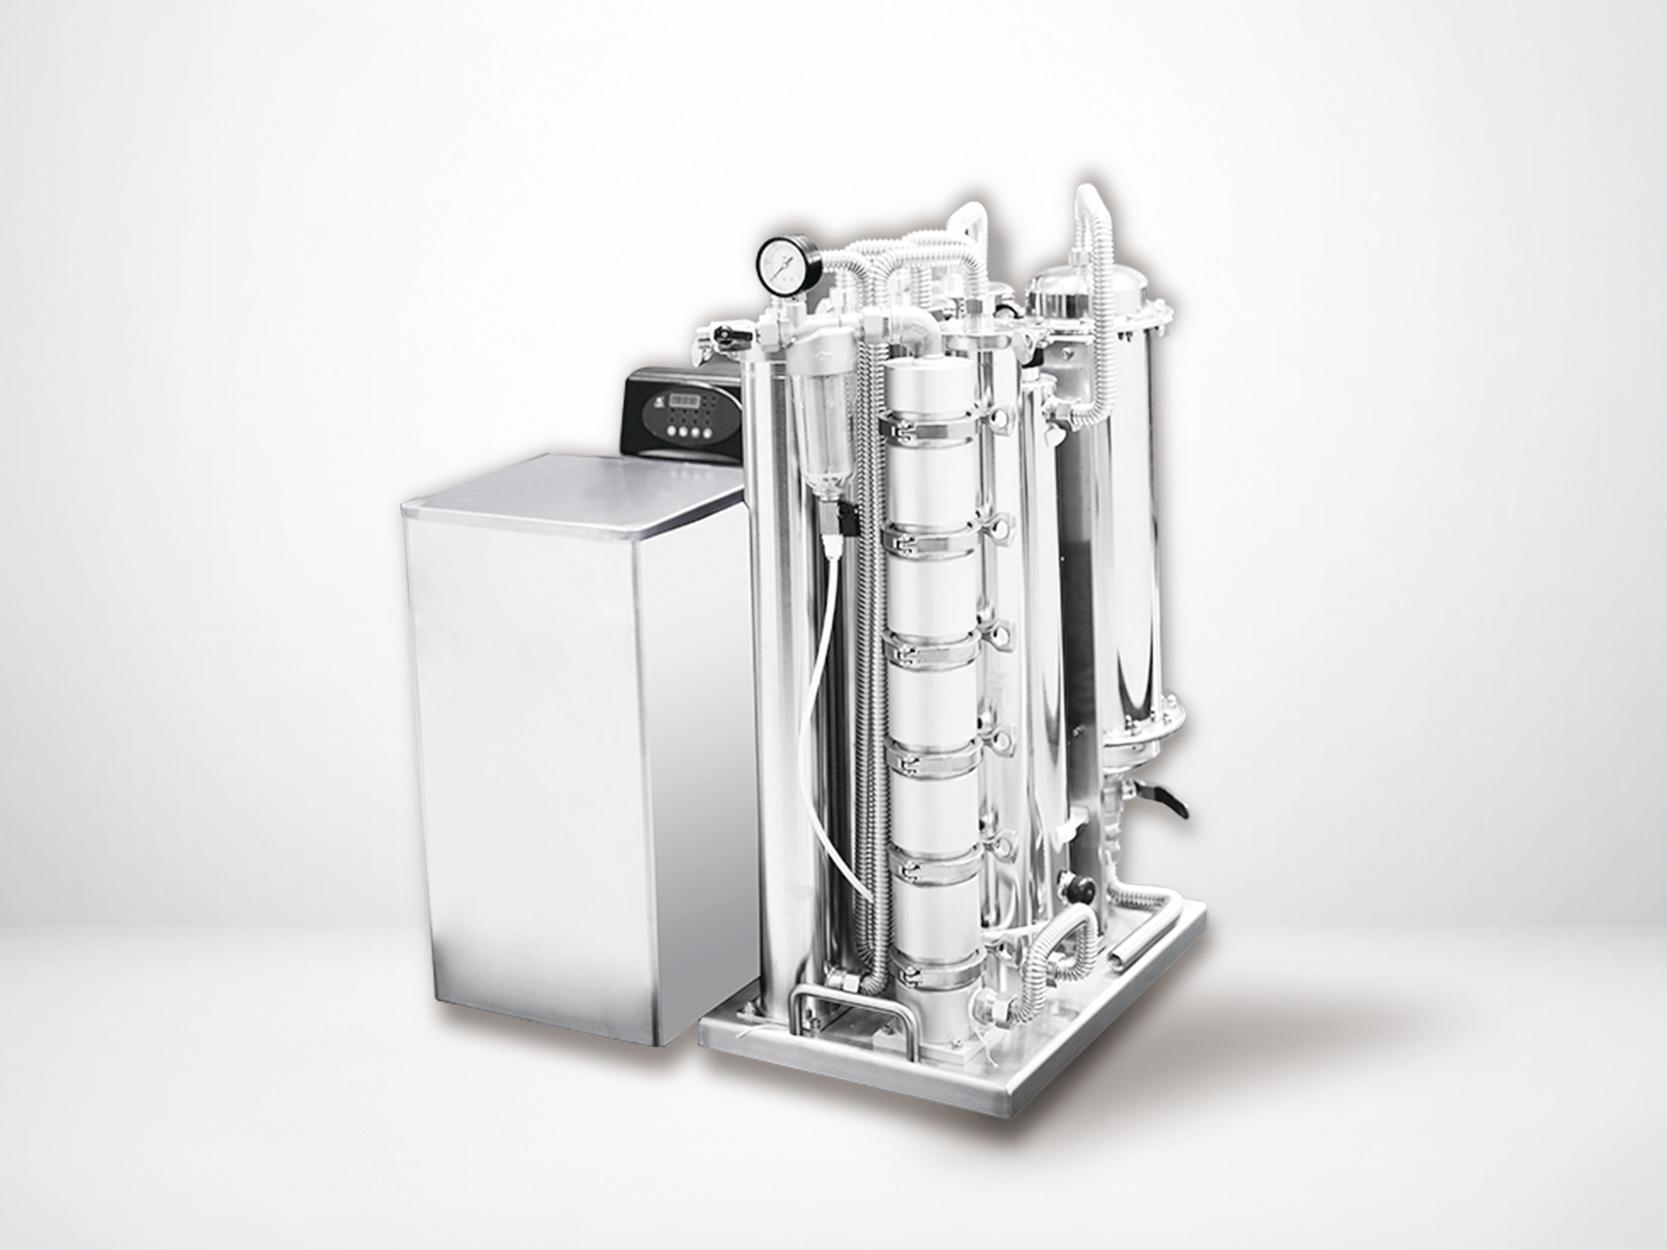 家用中央供水氢水生成器